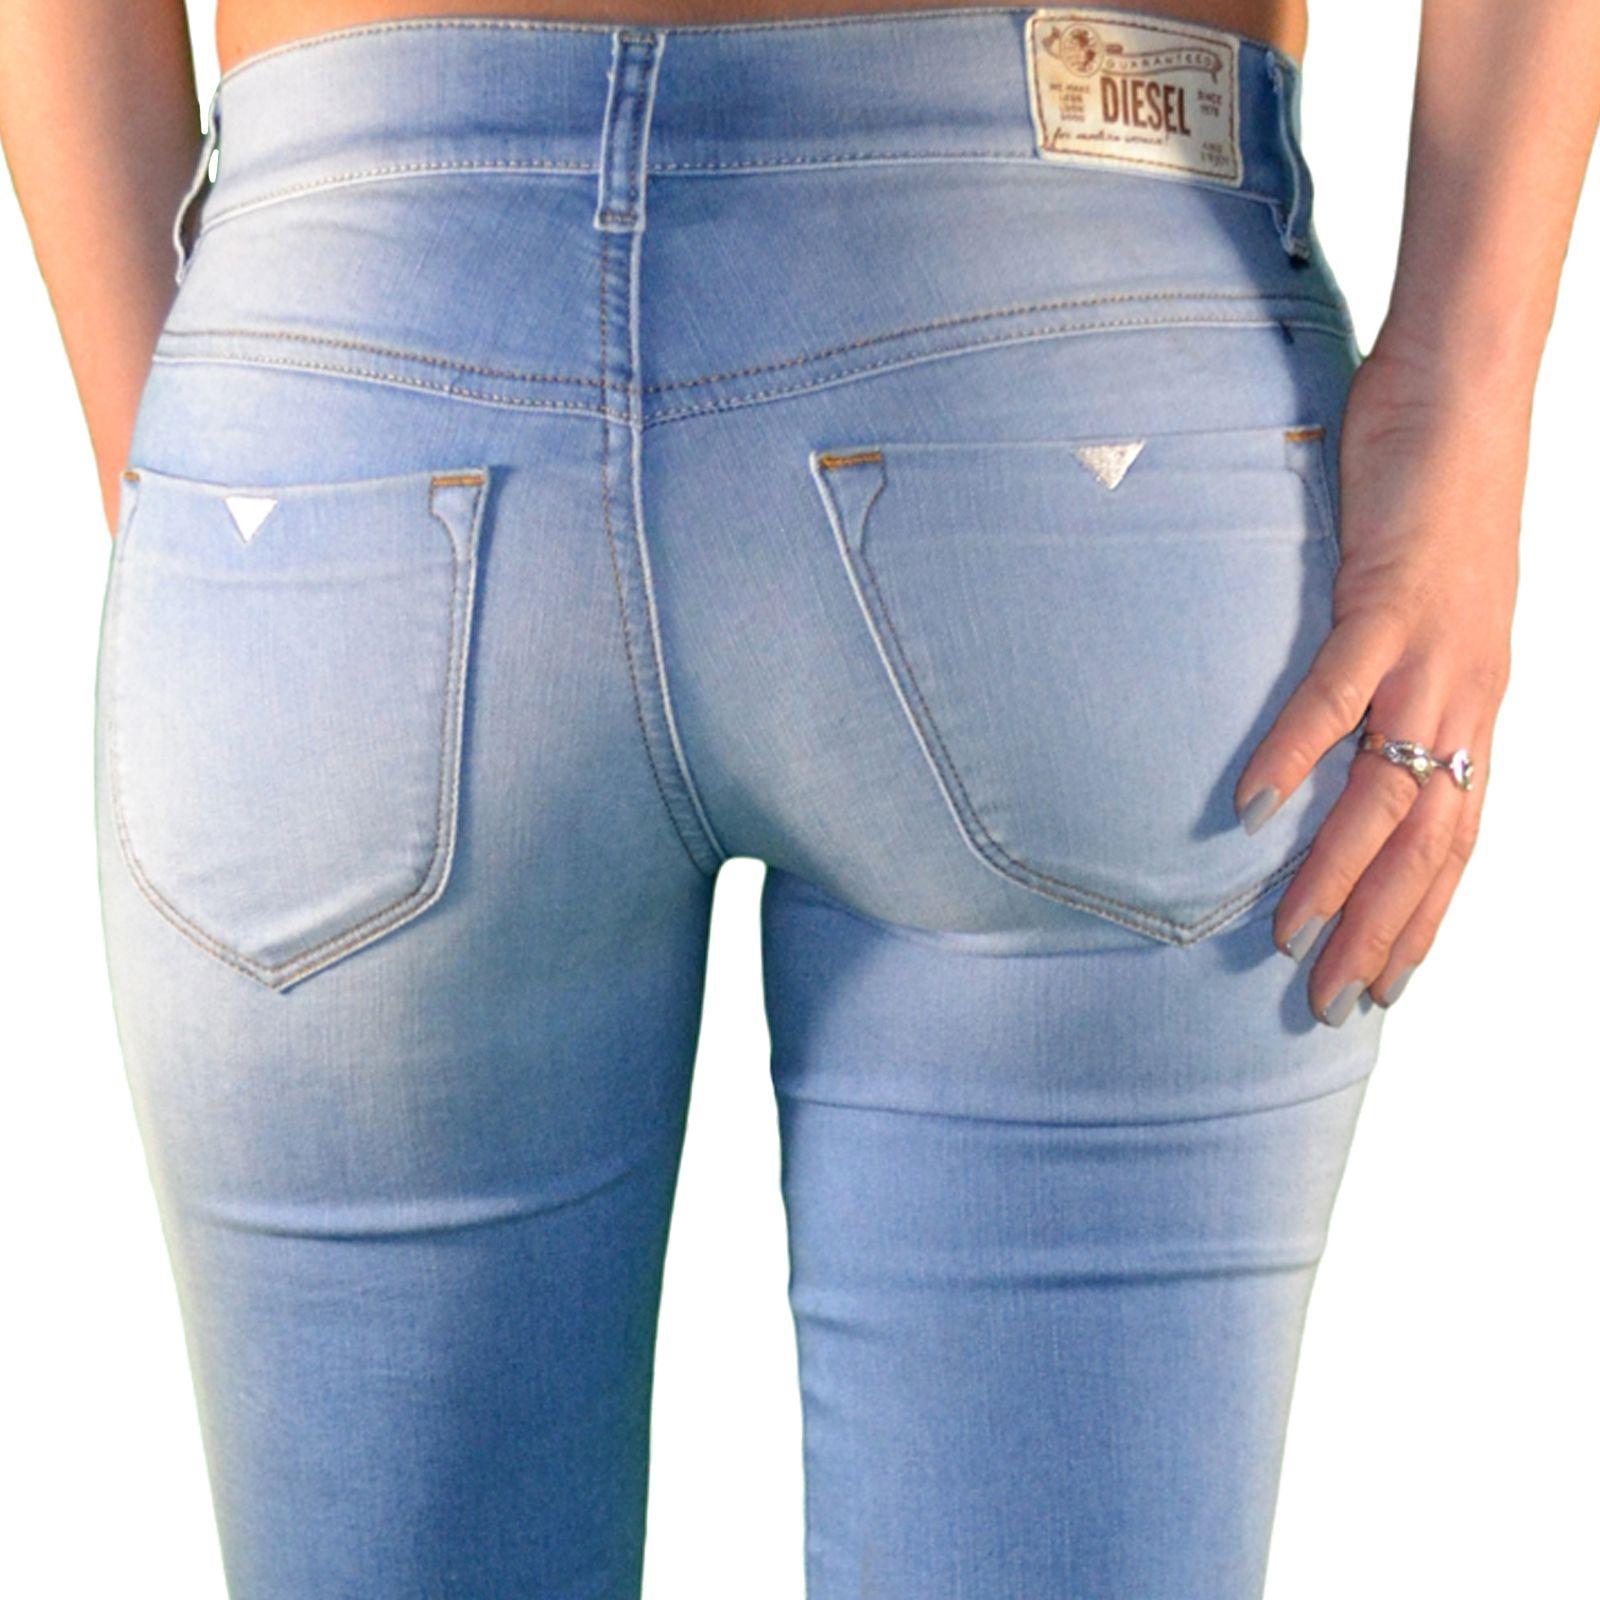 Imposer votre style personnel avec jean-femme.website